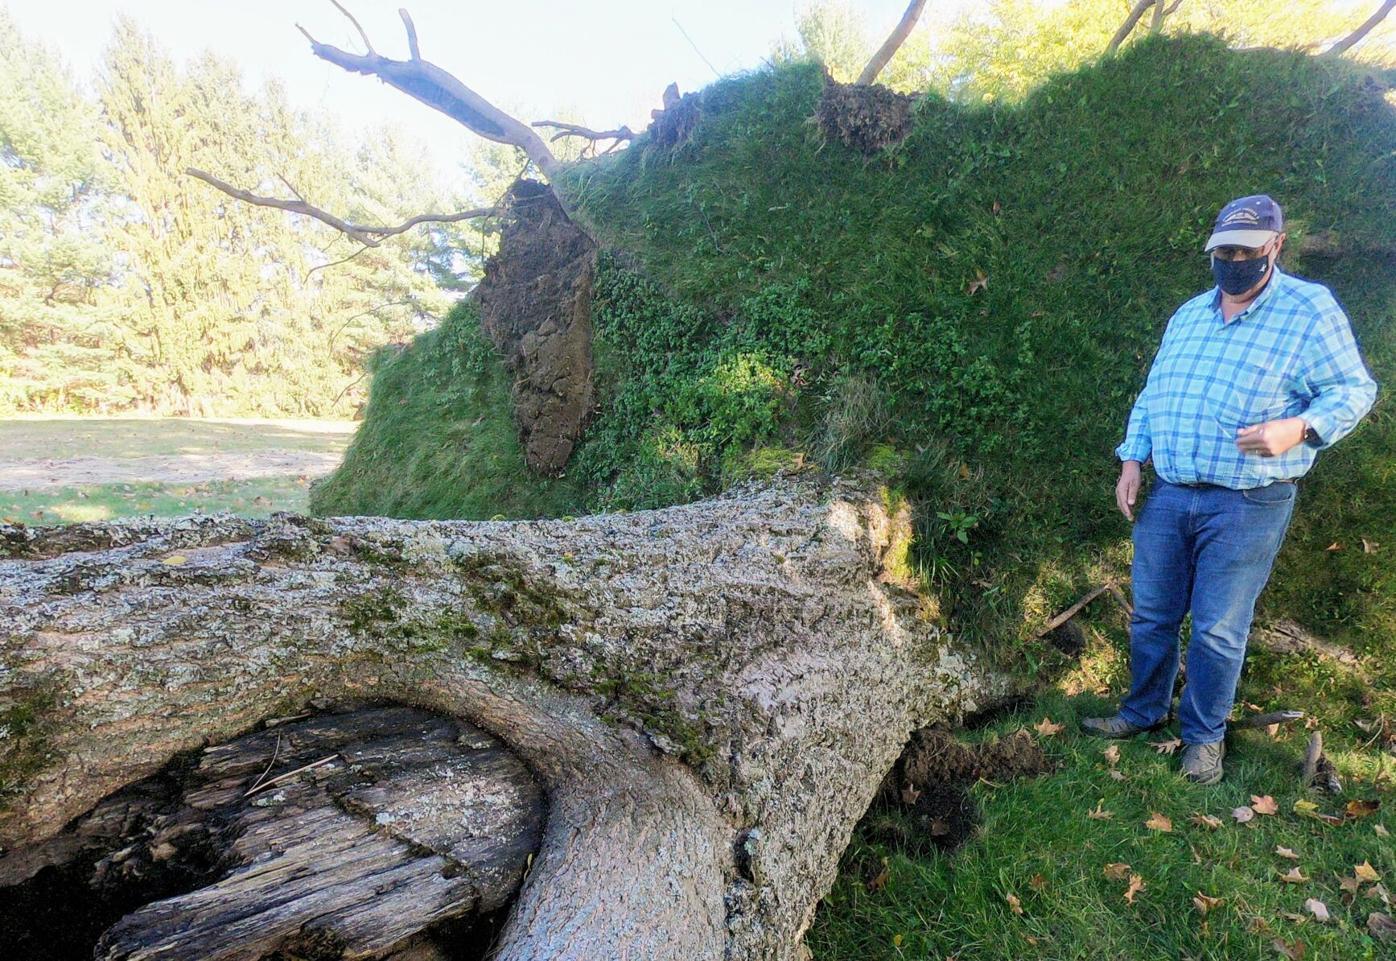 Tugaw Oak